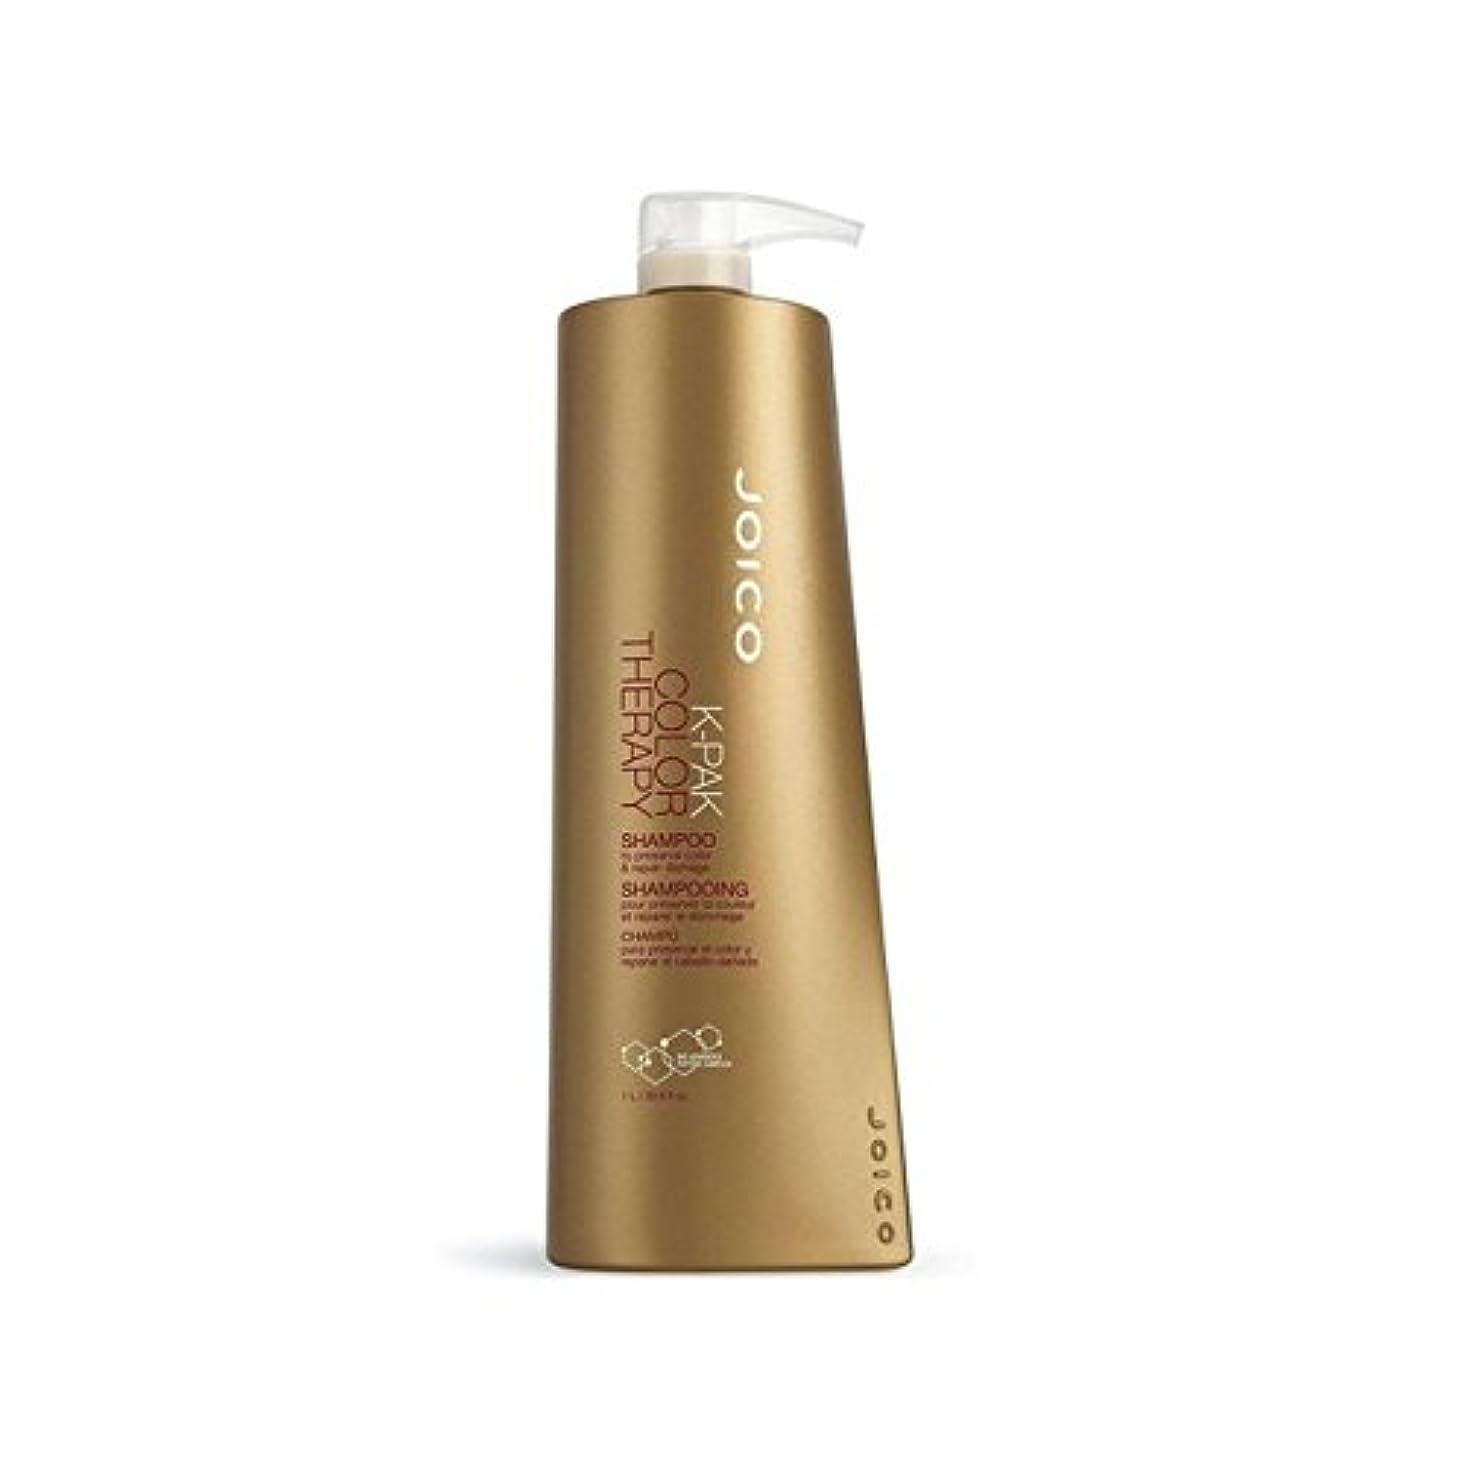 見せます配管工退化するJoico K-Pak Color Therapy Shampoo (1000ml) - ジョイコ-のカラーセラピーシャンプー(千ミリリットル) [並行輸入品]